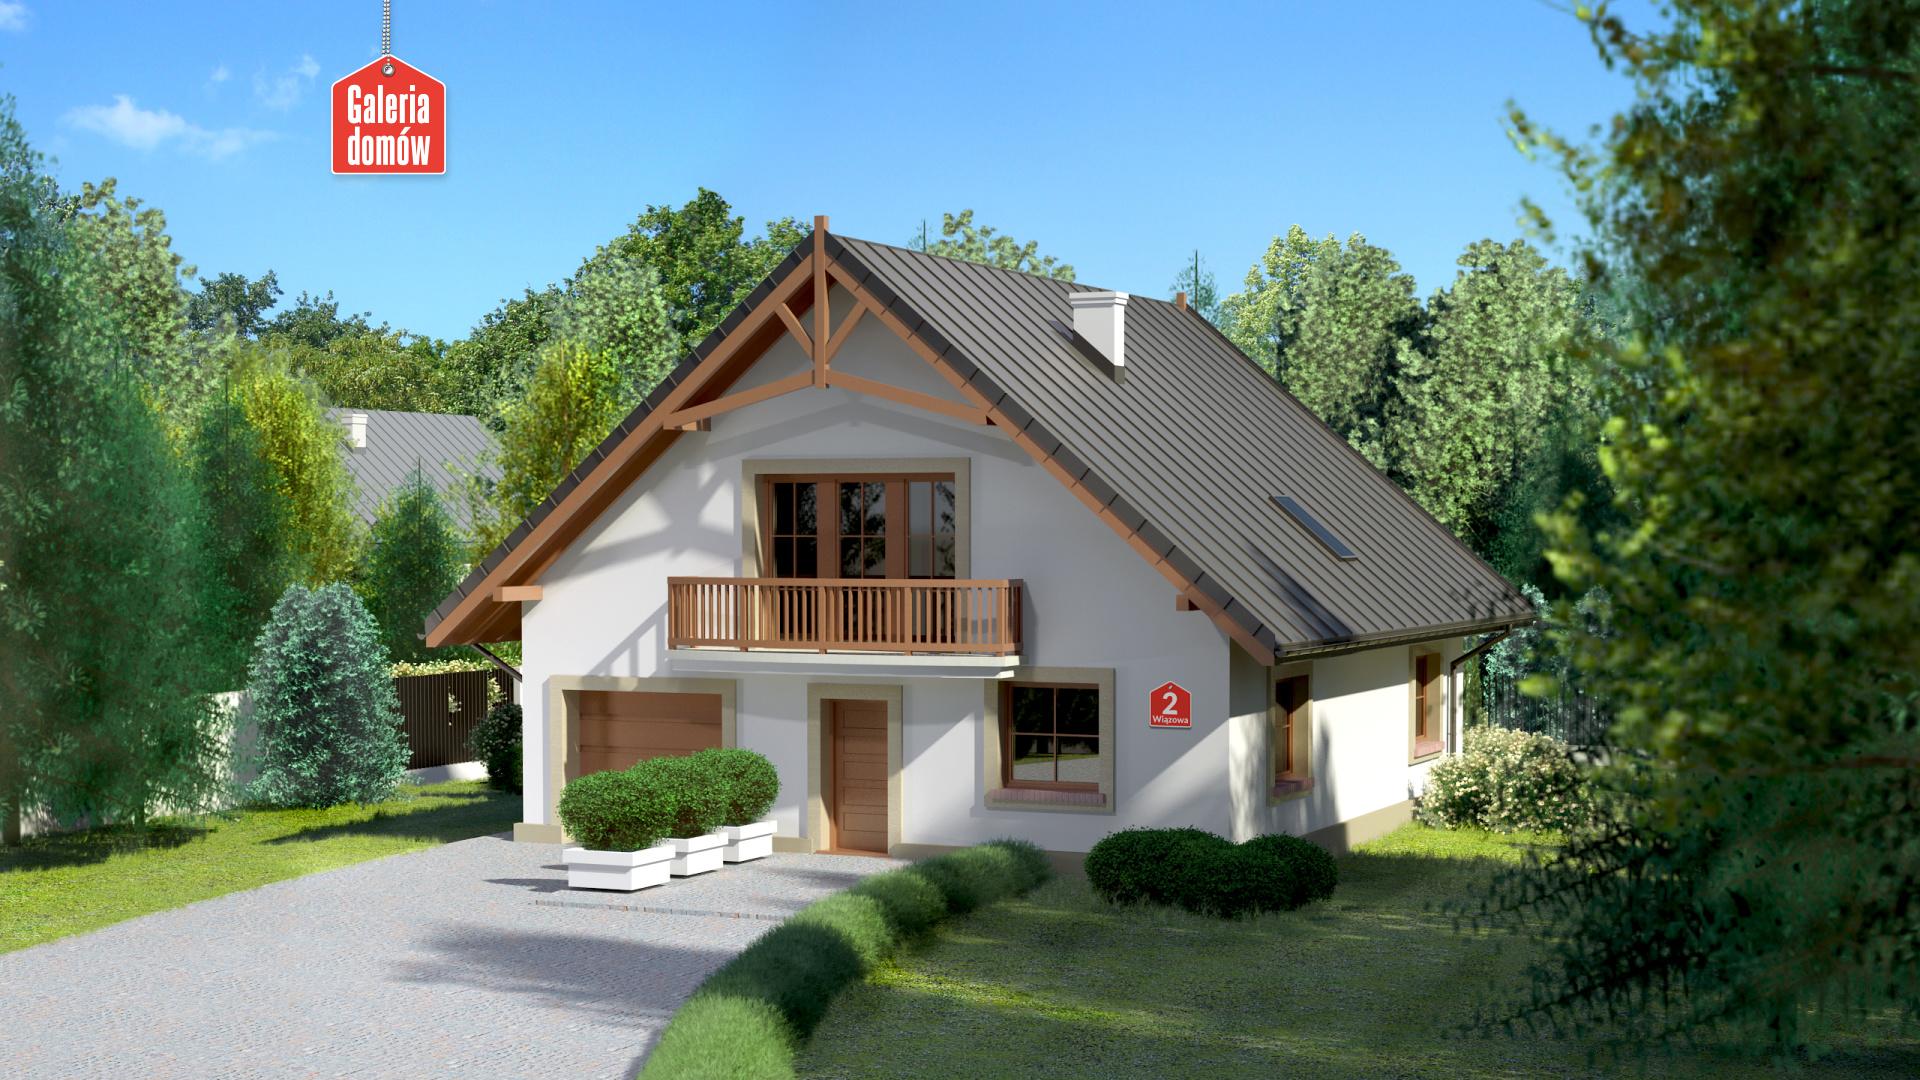 Dom przy Wiązowej 2 - zdjęcie projektu i wizualizacja